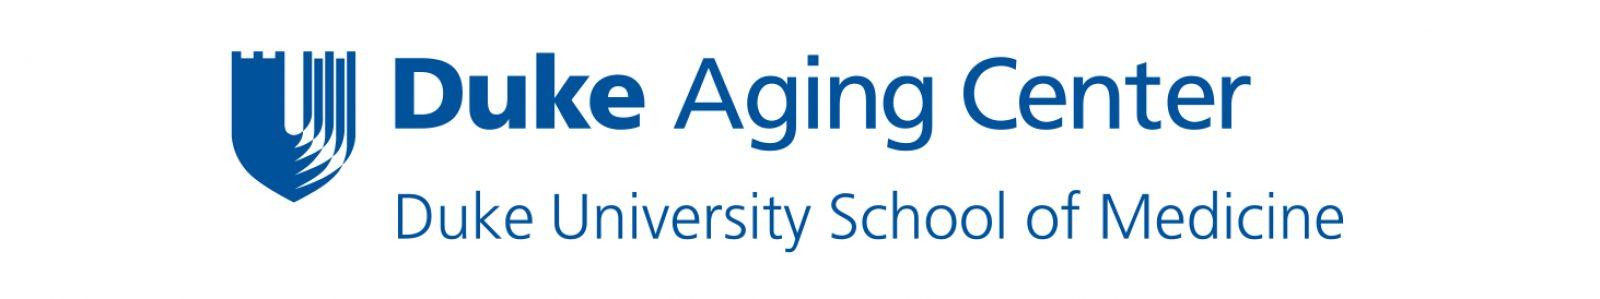 Duke Aging Center